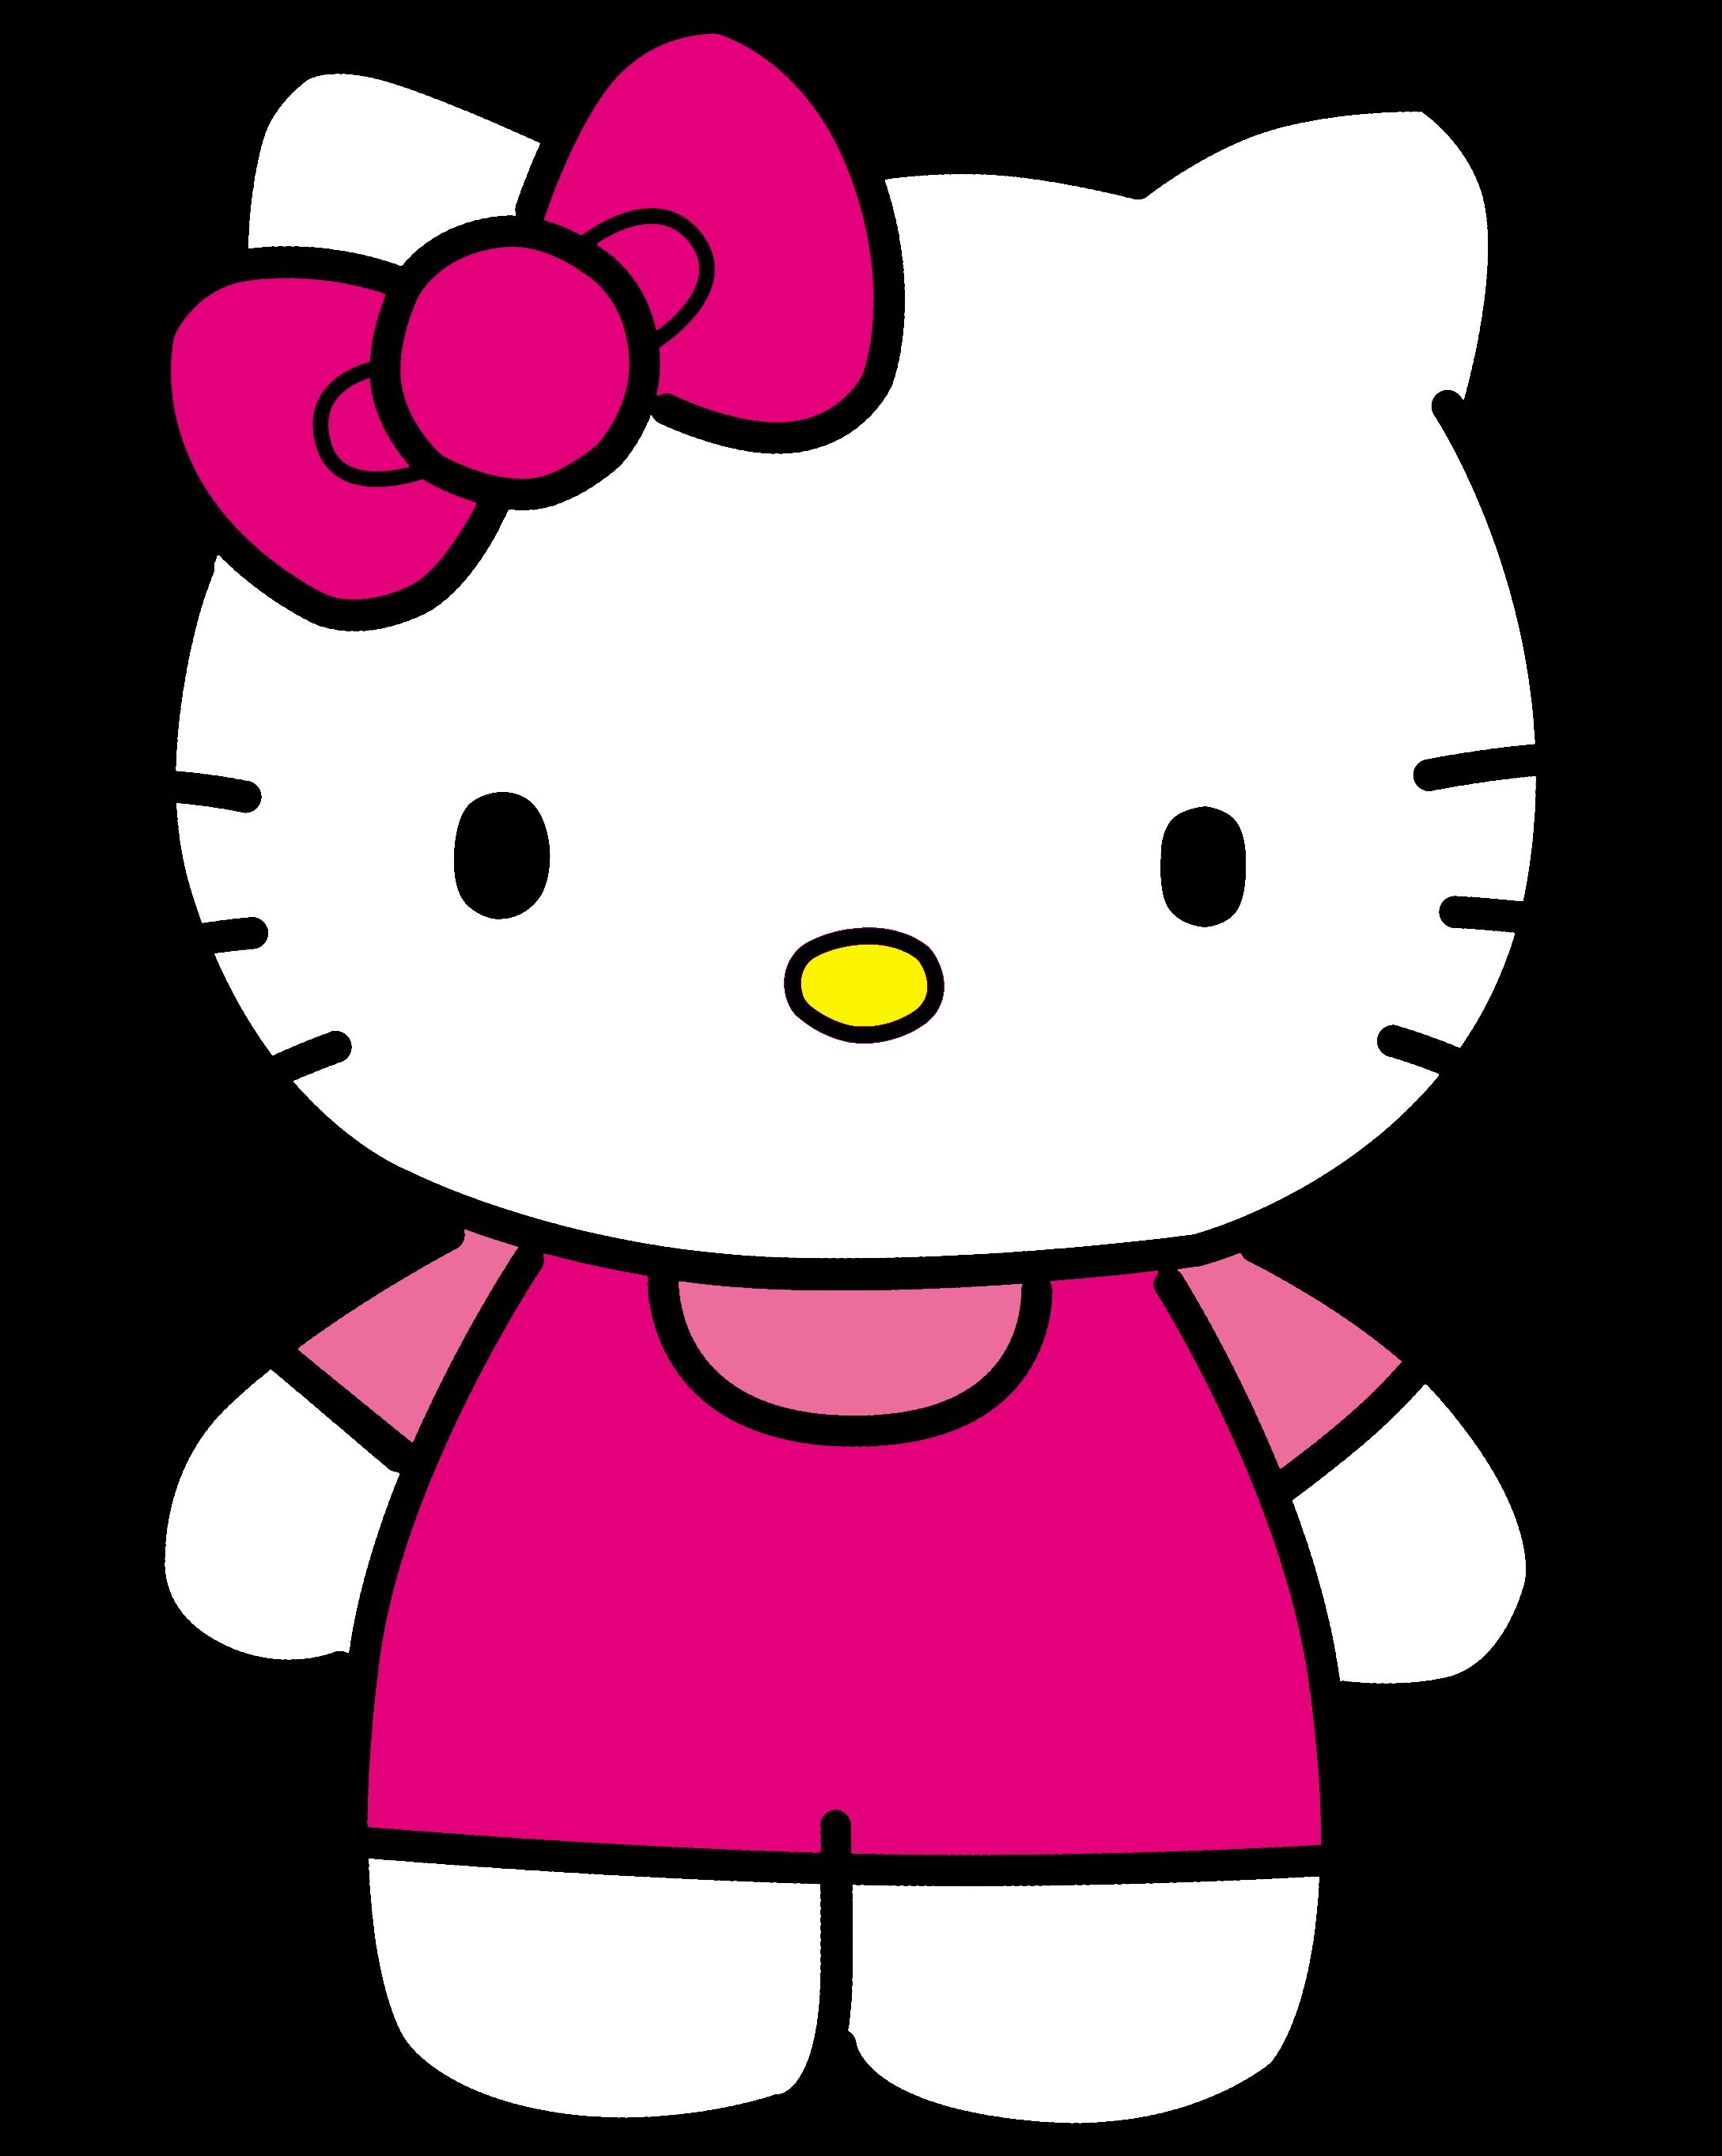 ぜいたく Hello Kitty Png Hd - 矢じり